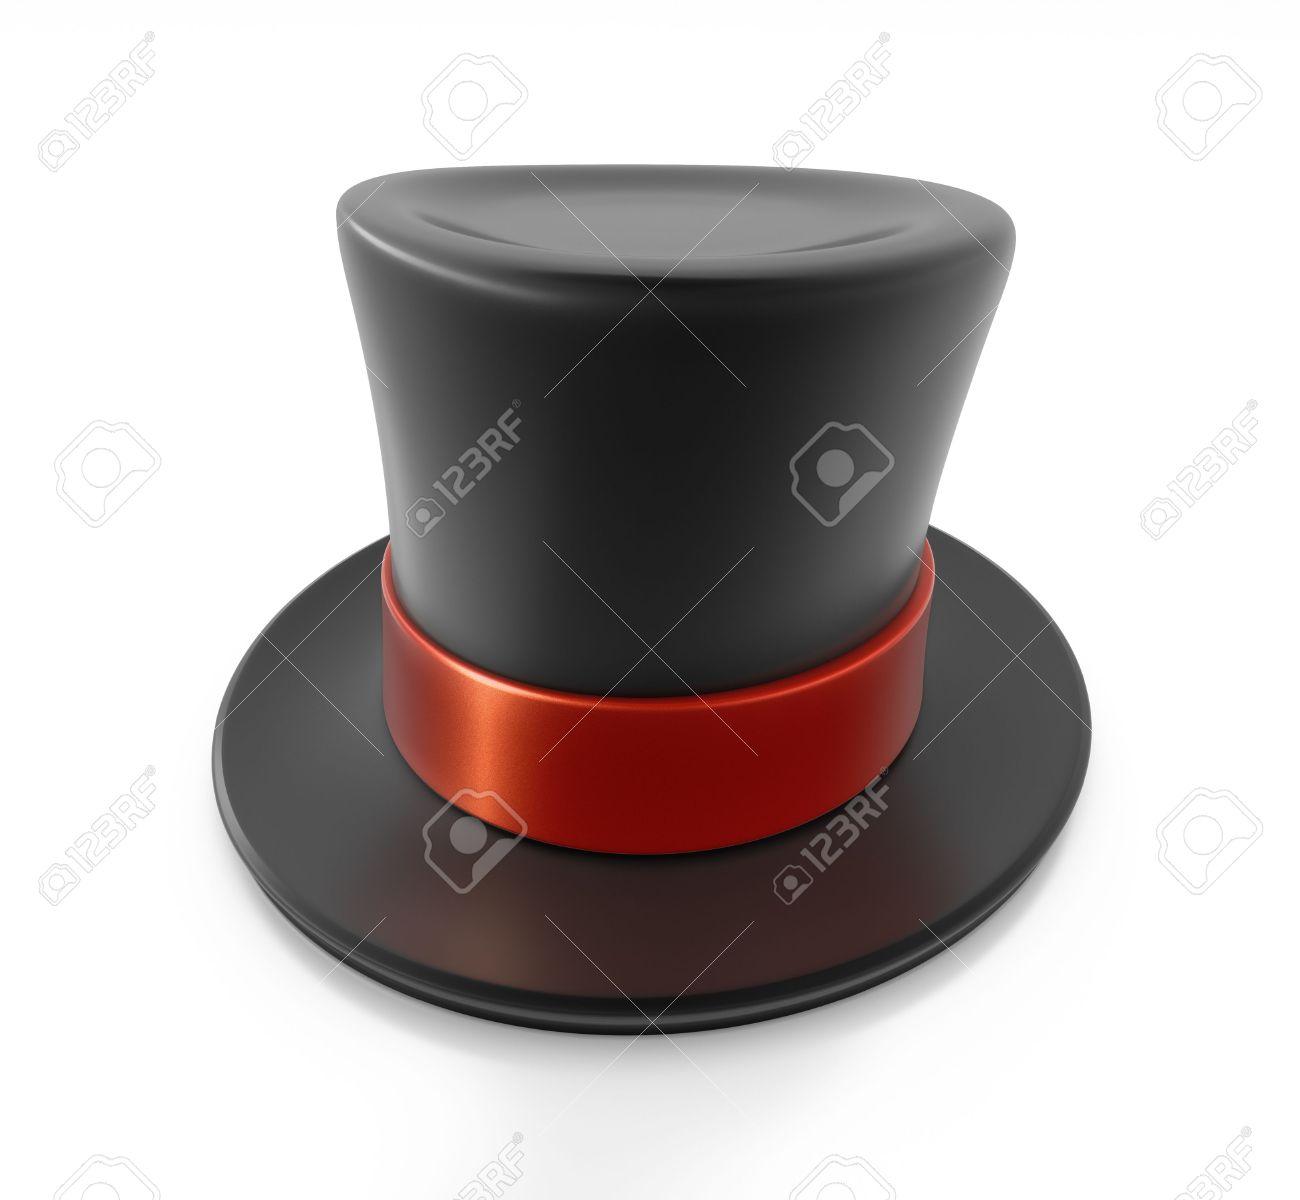 ccd5a39ee61b4 Foto de archivo - Sombrero de copa negro con franja roja. De alta  resolución de la ilustración en 3D con trazados de recorte.